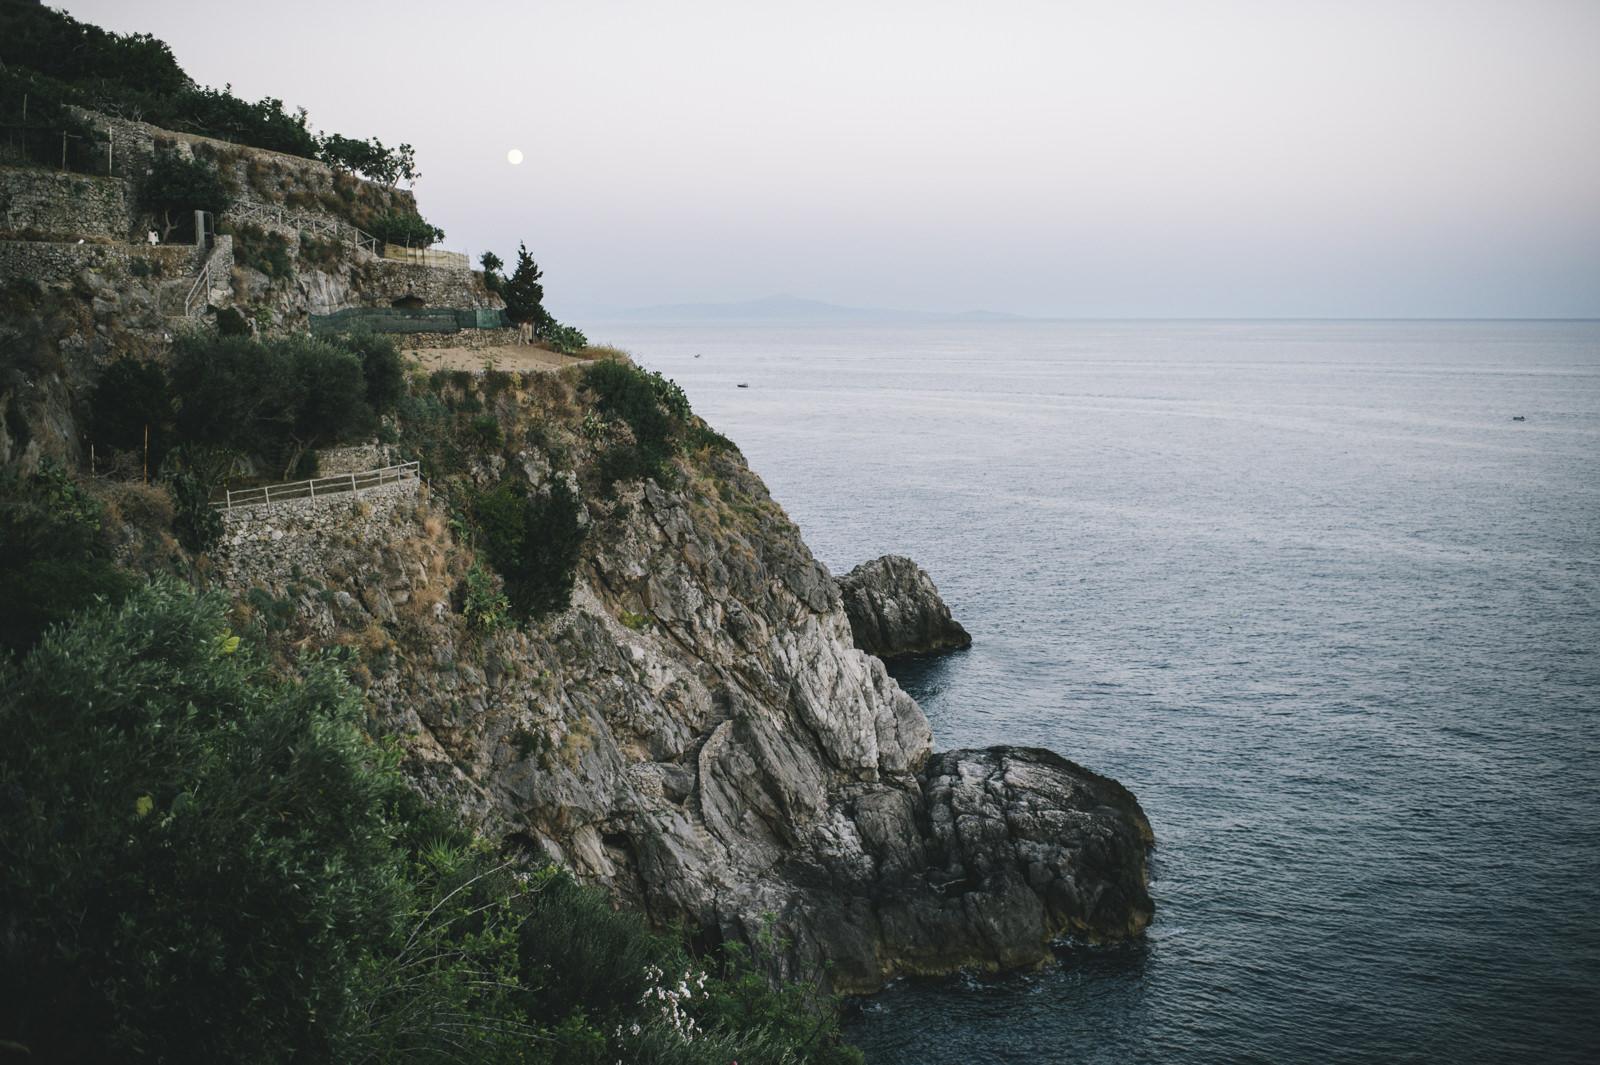 landscape a cliff